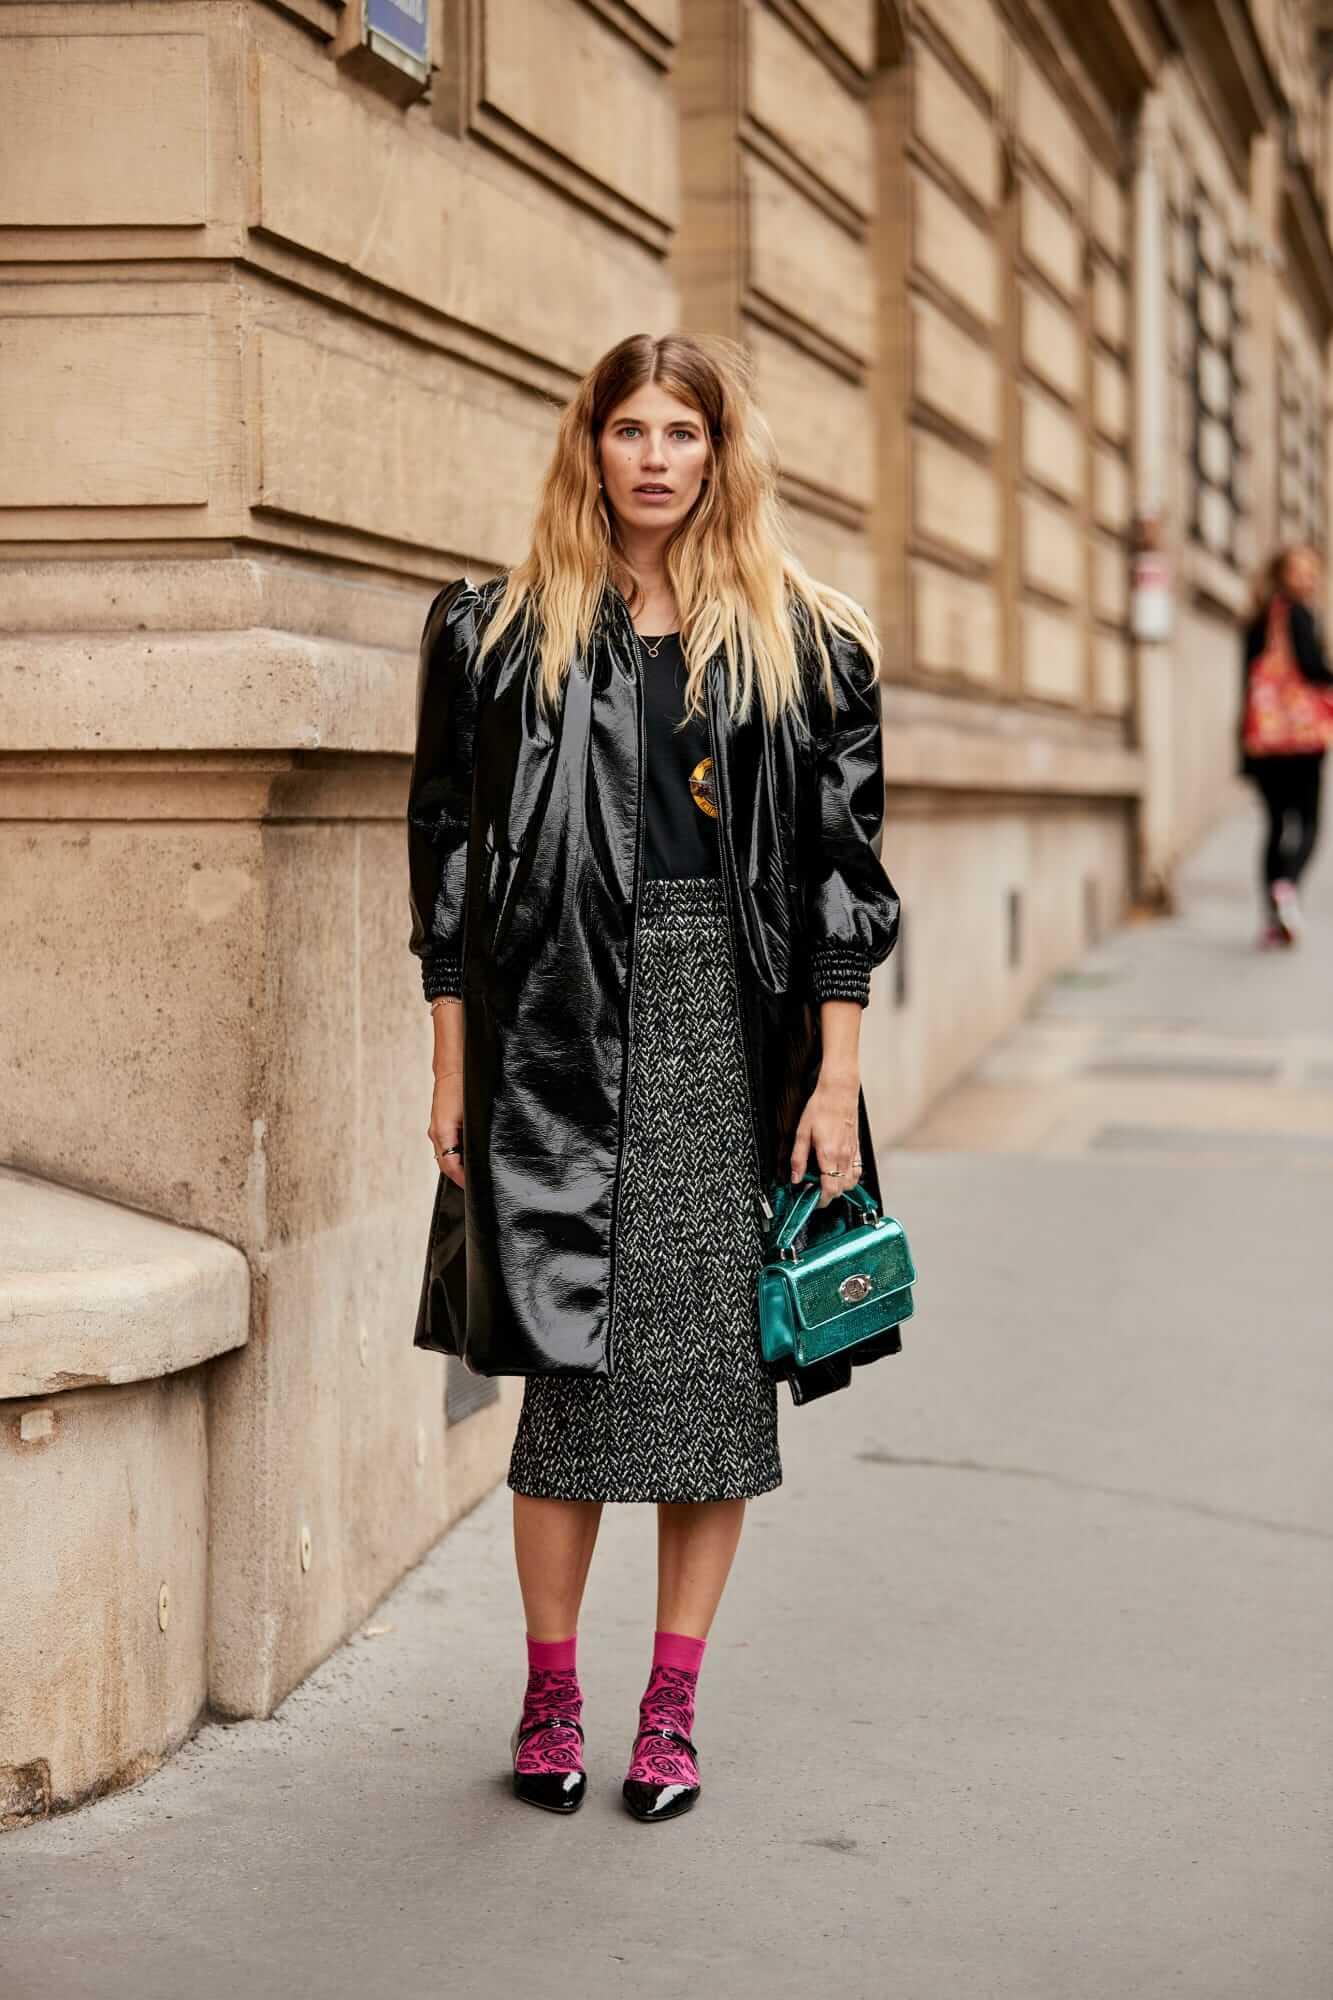 paris-fashion-week-spring-2019-street-style-day-9-53